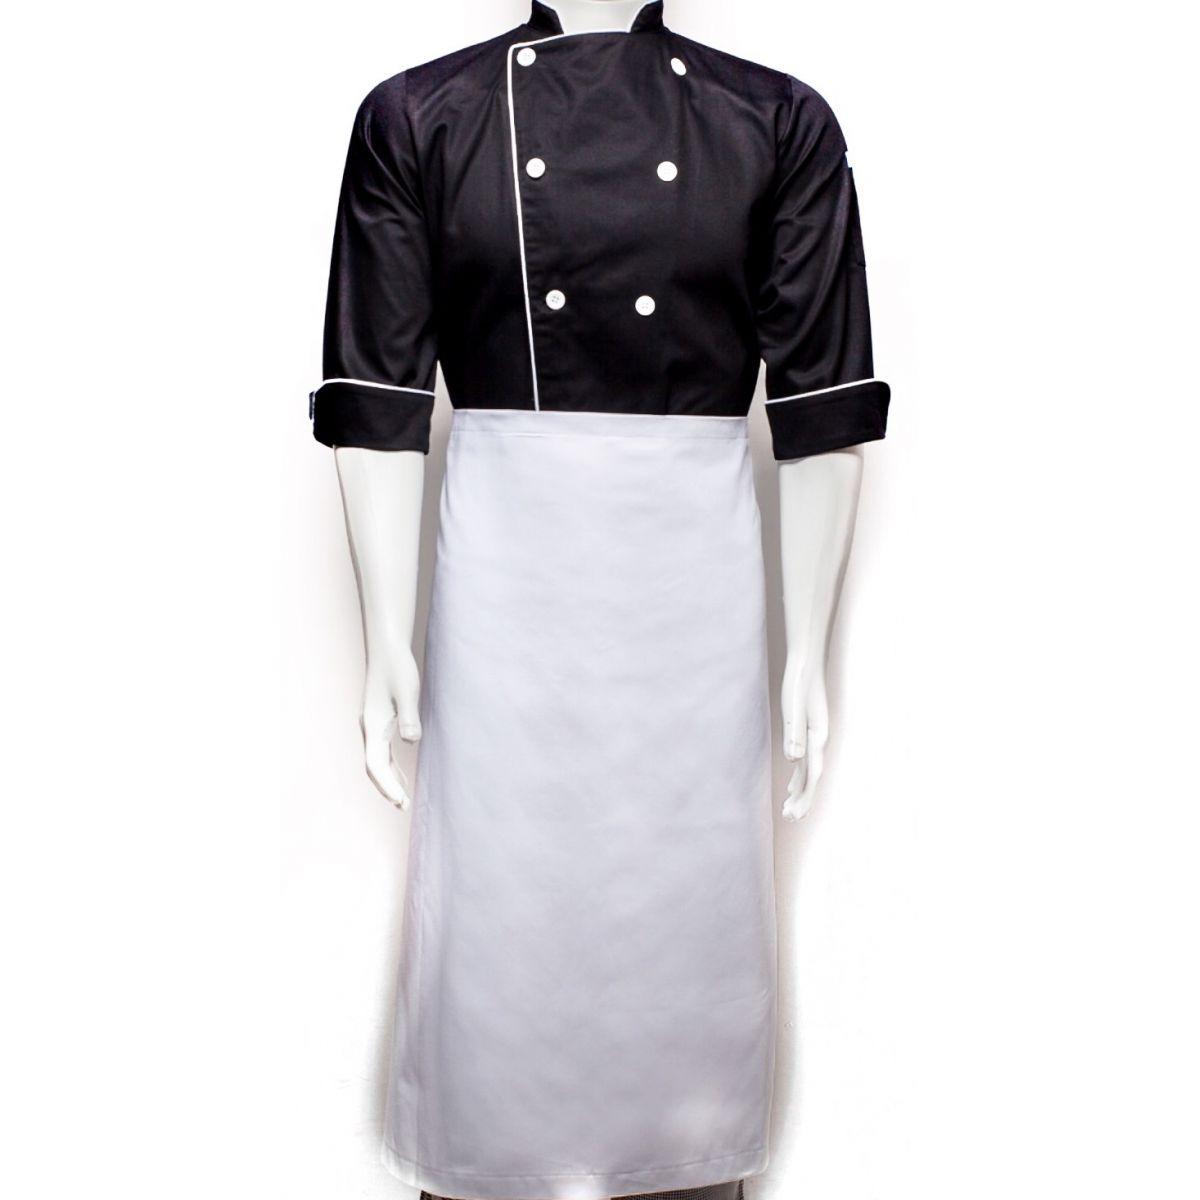 Dólmã Clássico Unissex PRETO SKULL KNIFE CHEF com vivo e botões brancos - 100% algodão manga 3/4